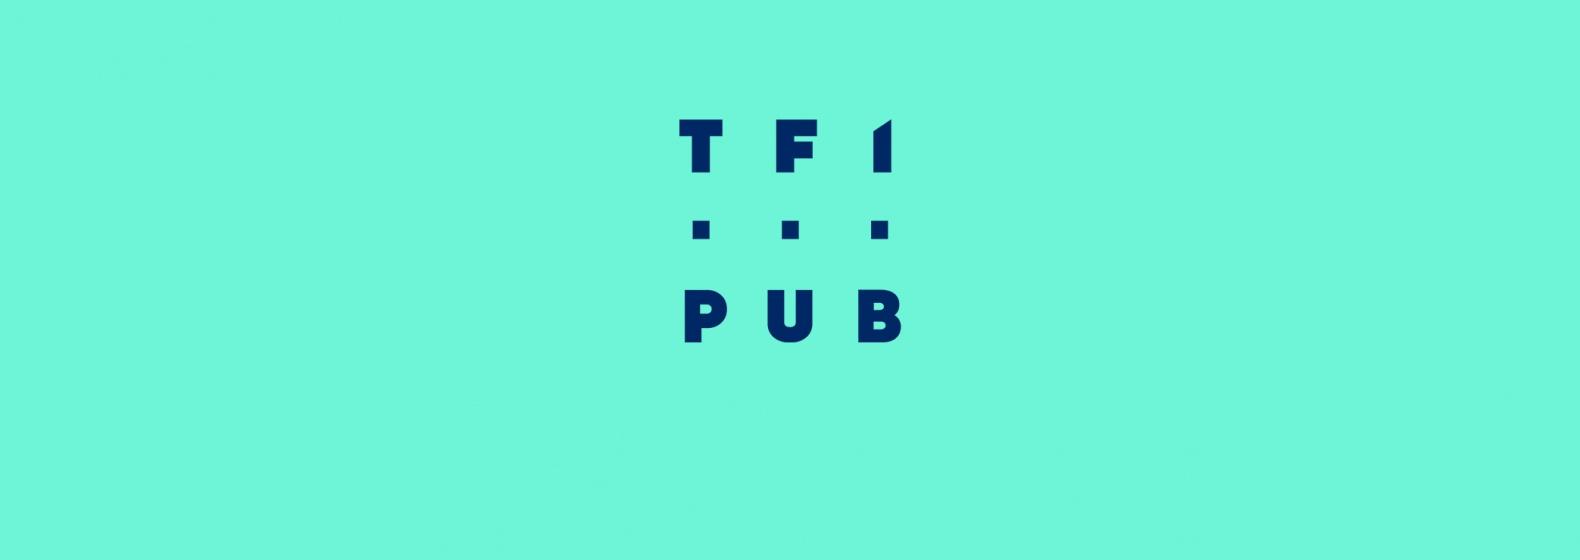 tf1pub.jpg